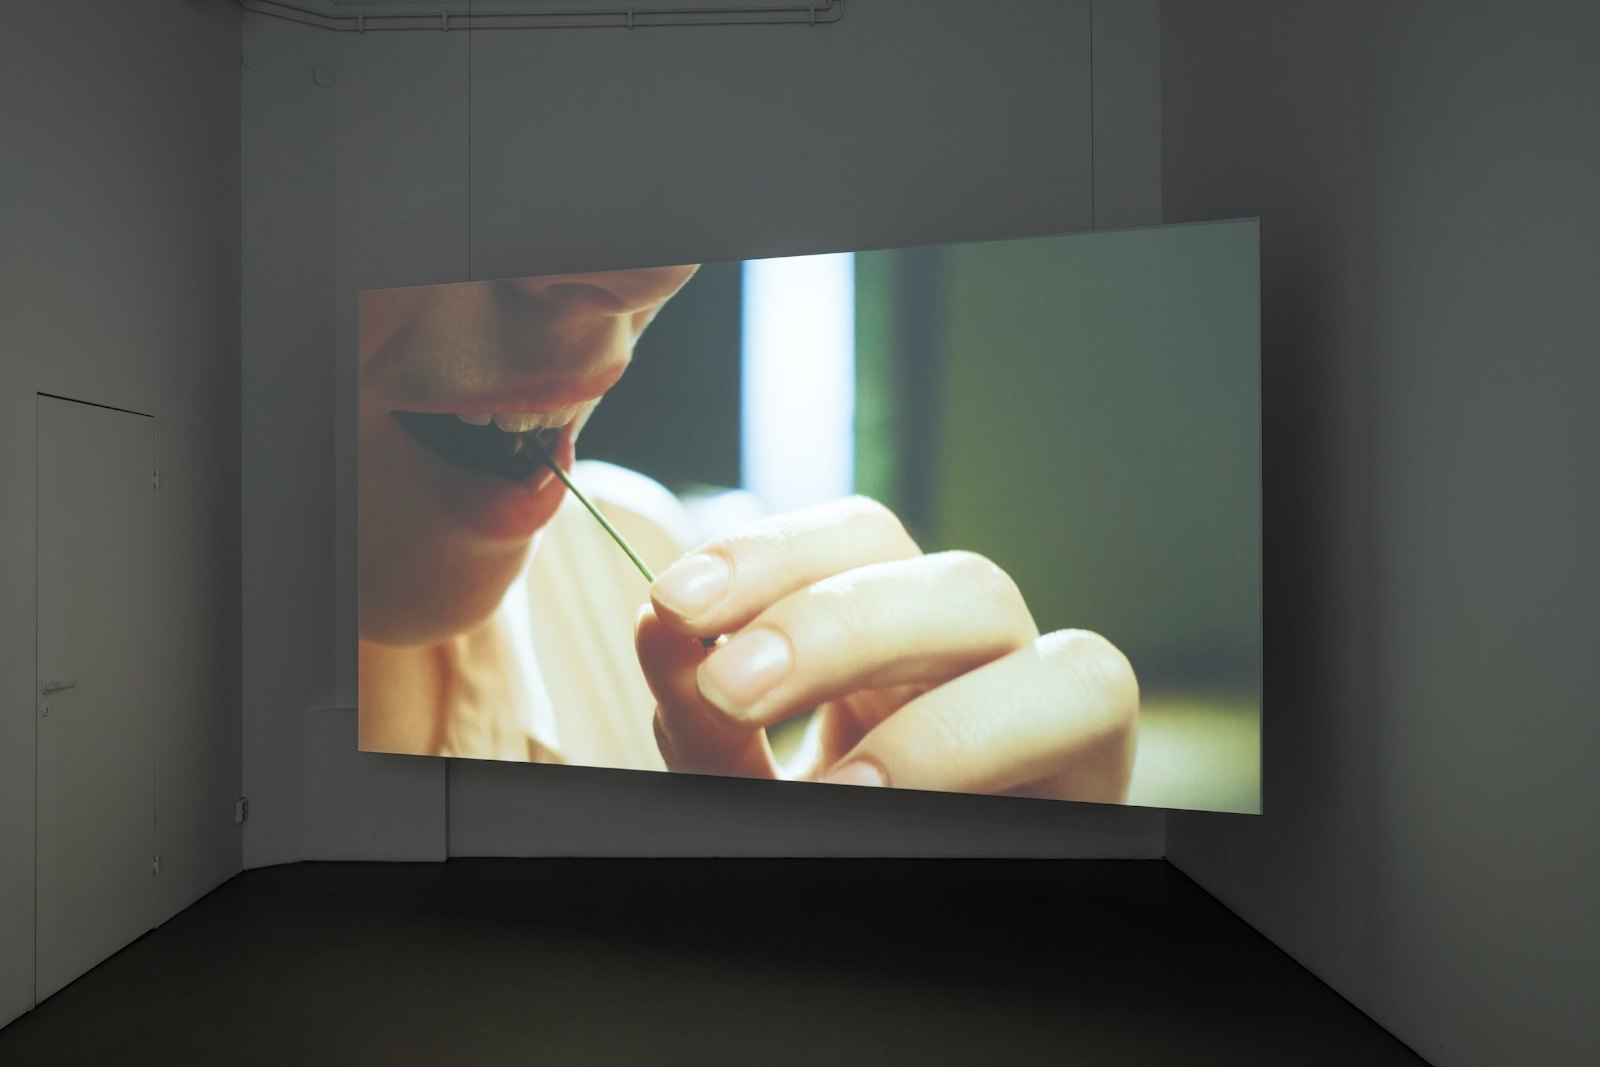 Kersentijd (Cherry season), 2012, 35mm film loop, 2'25'', digitally projected. Installation view Marijke van Warmerdam, Open, Galleri Riis, Stockholm, 2013